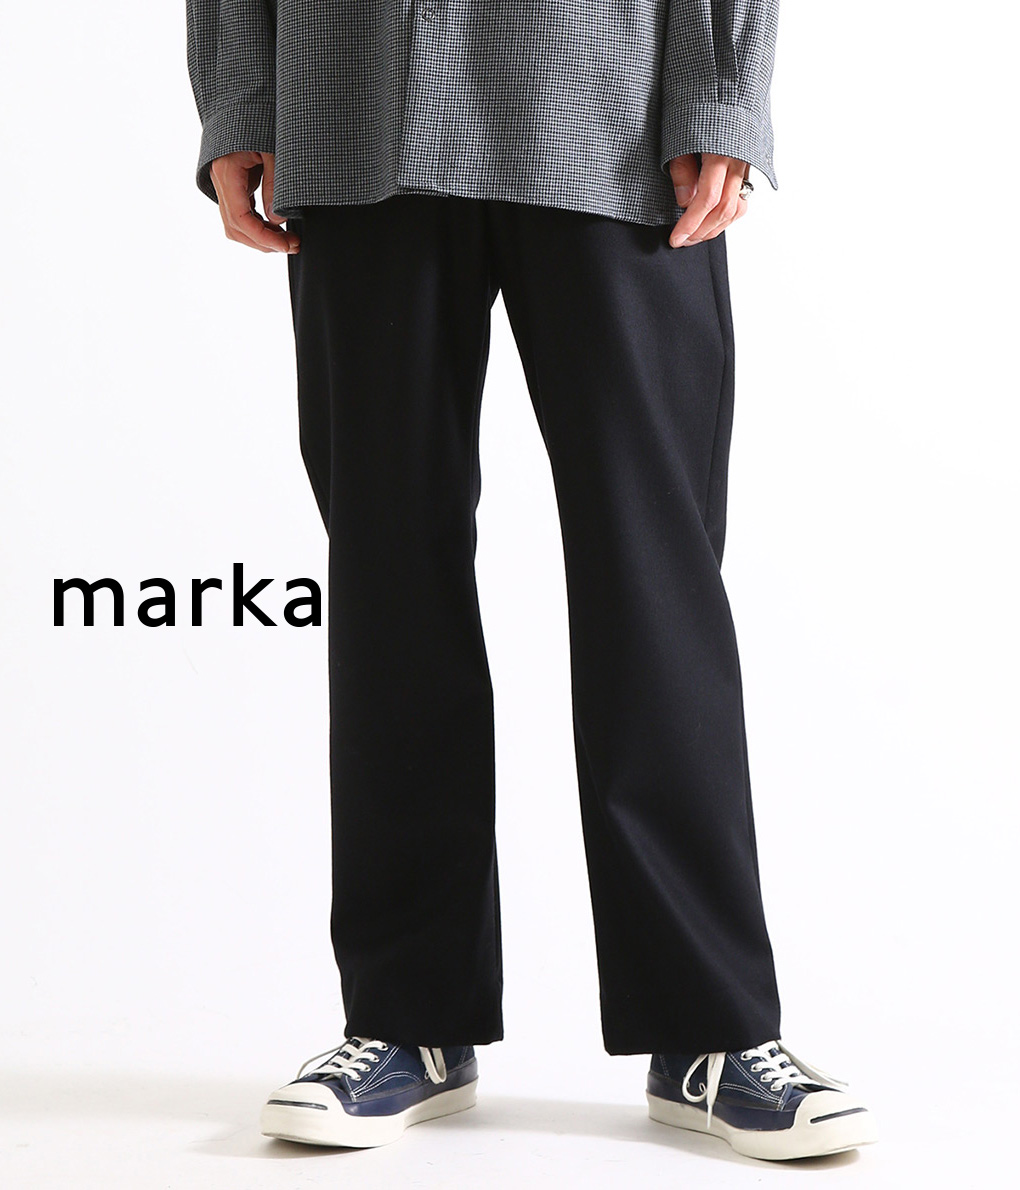 marka / マーカ : STRAIGHT FIT EASY - wool flannel - 全4色 : マーカ ストレートフィットイージー イージーパンツ ウールパンツ メンズ : M19C-03PT03C【COR】【WIS】